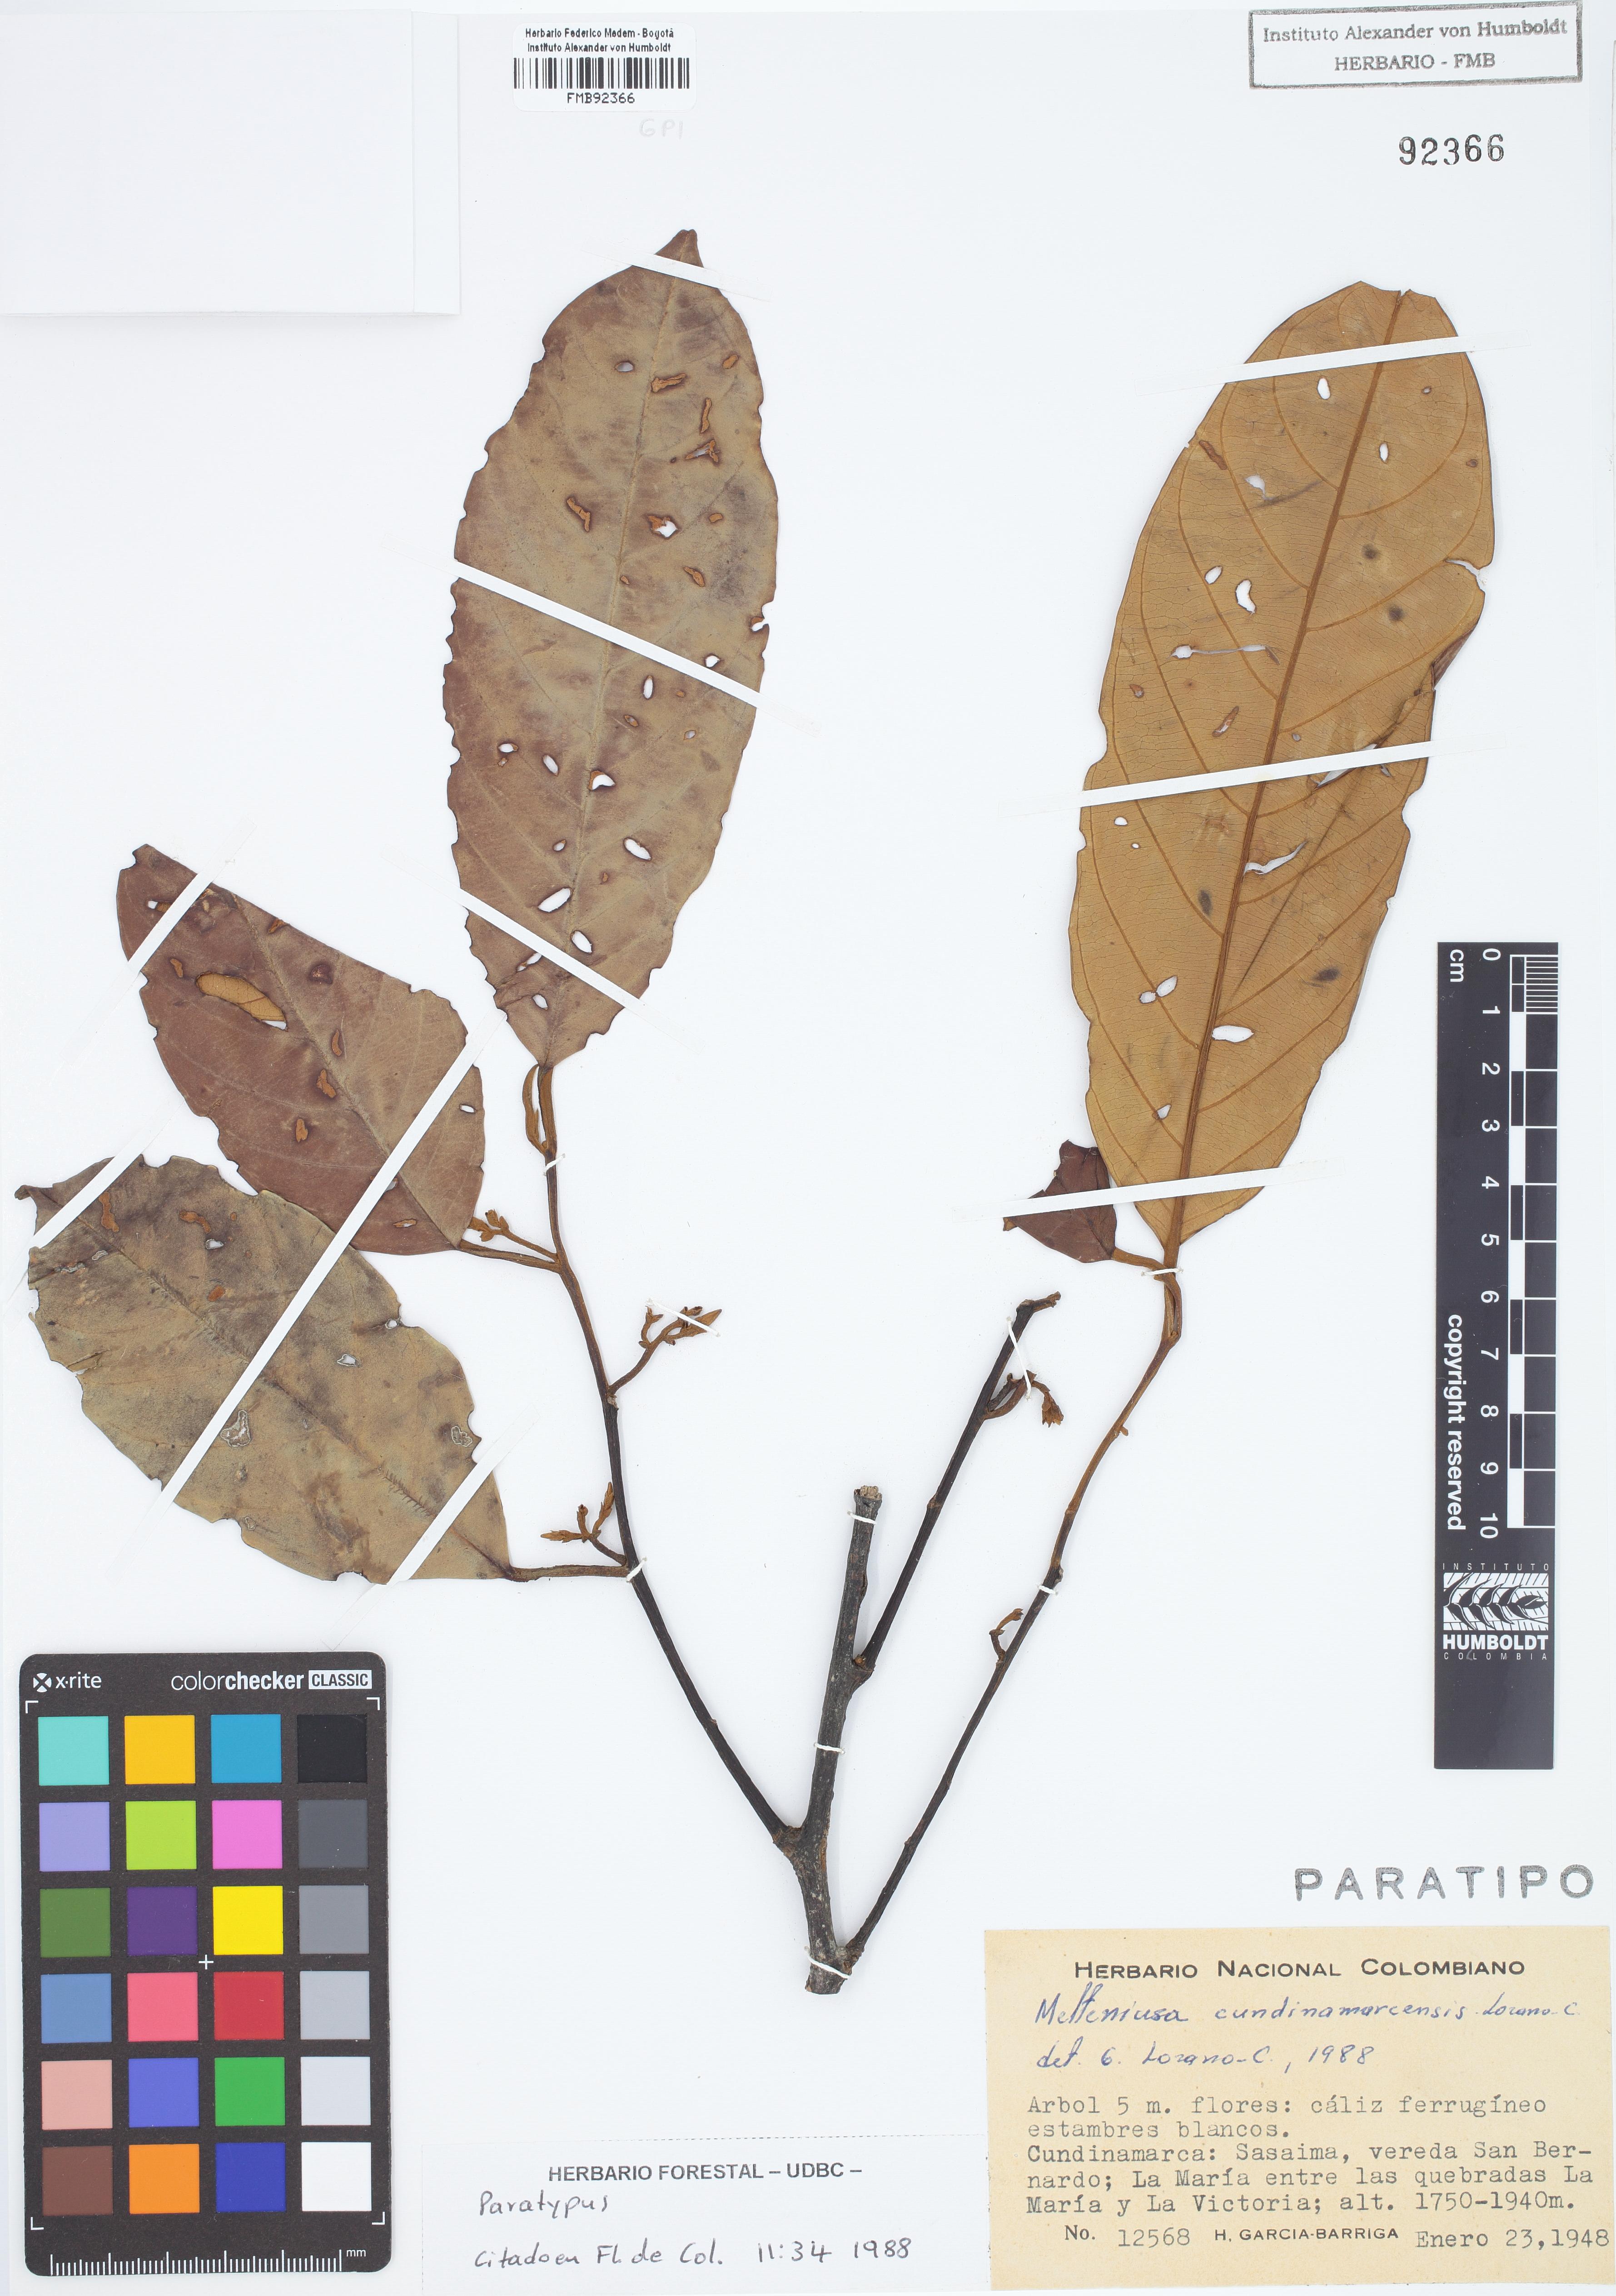 Paratipo de <em>Metteniusa cundinamarcensis</em>, FMB-92366, Fotografía por Robles A.